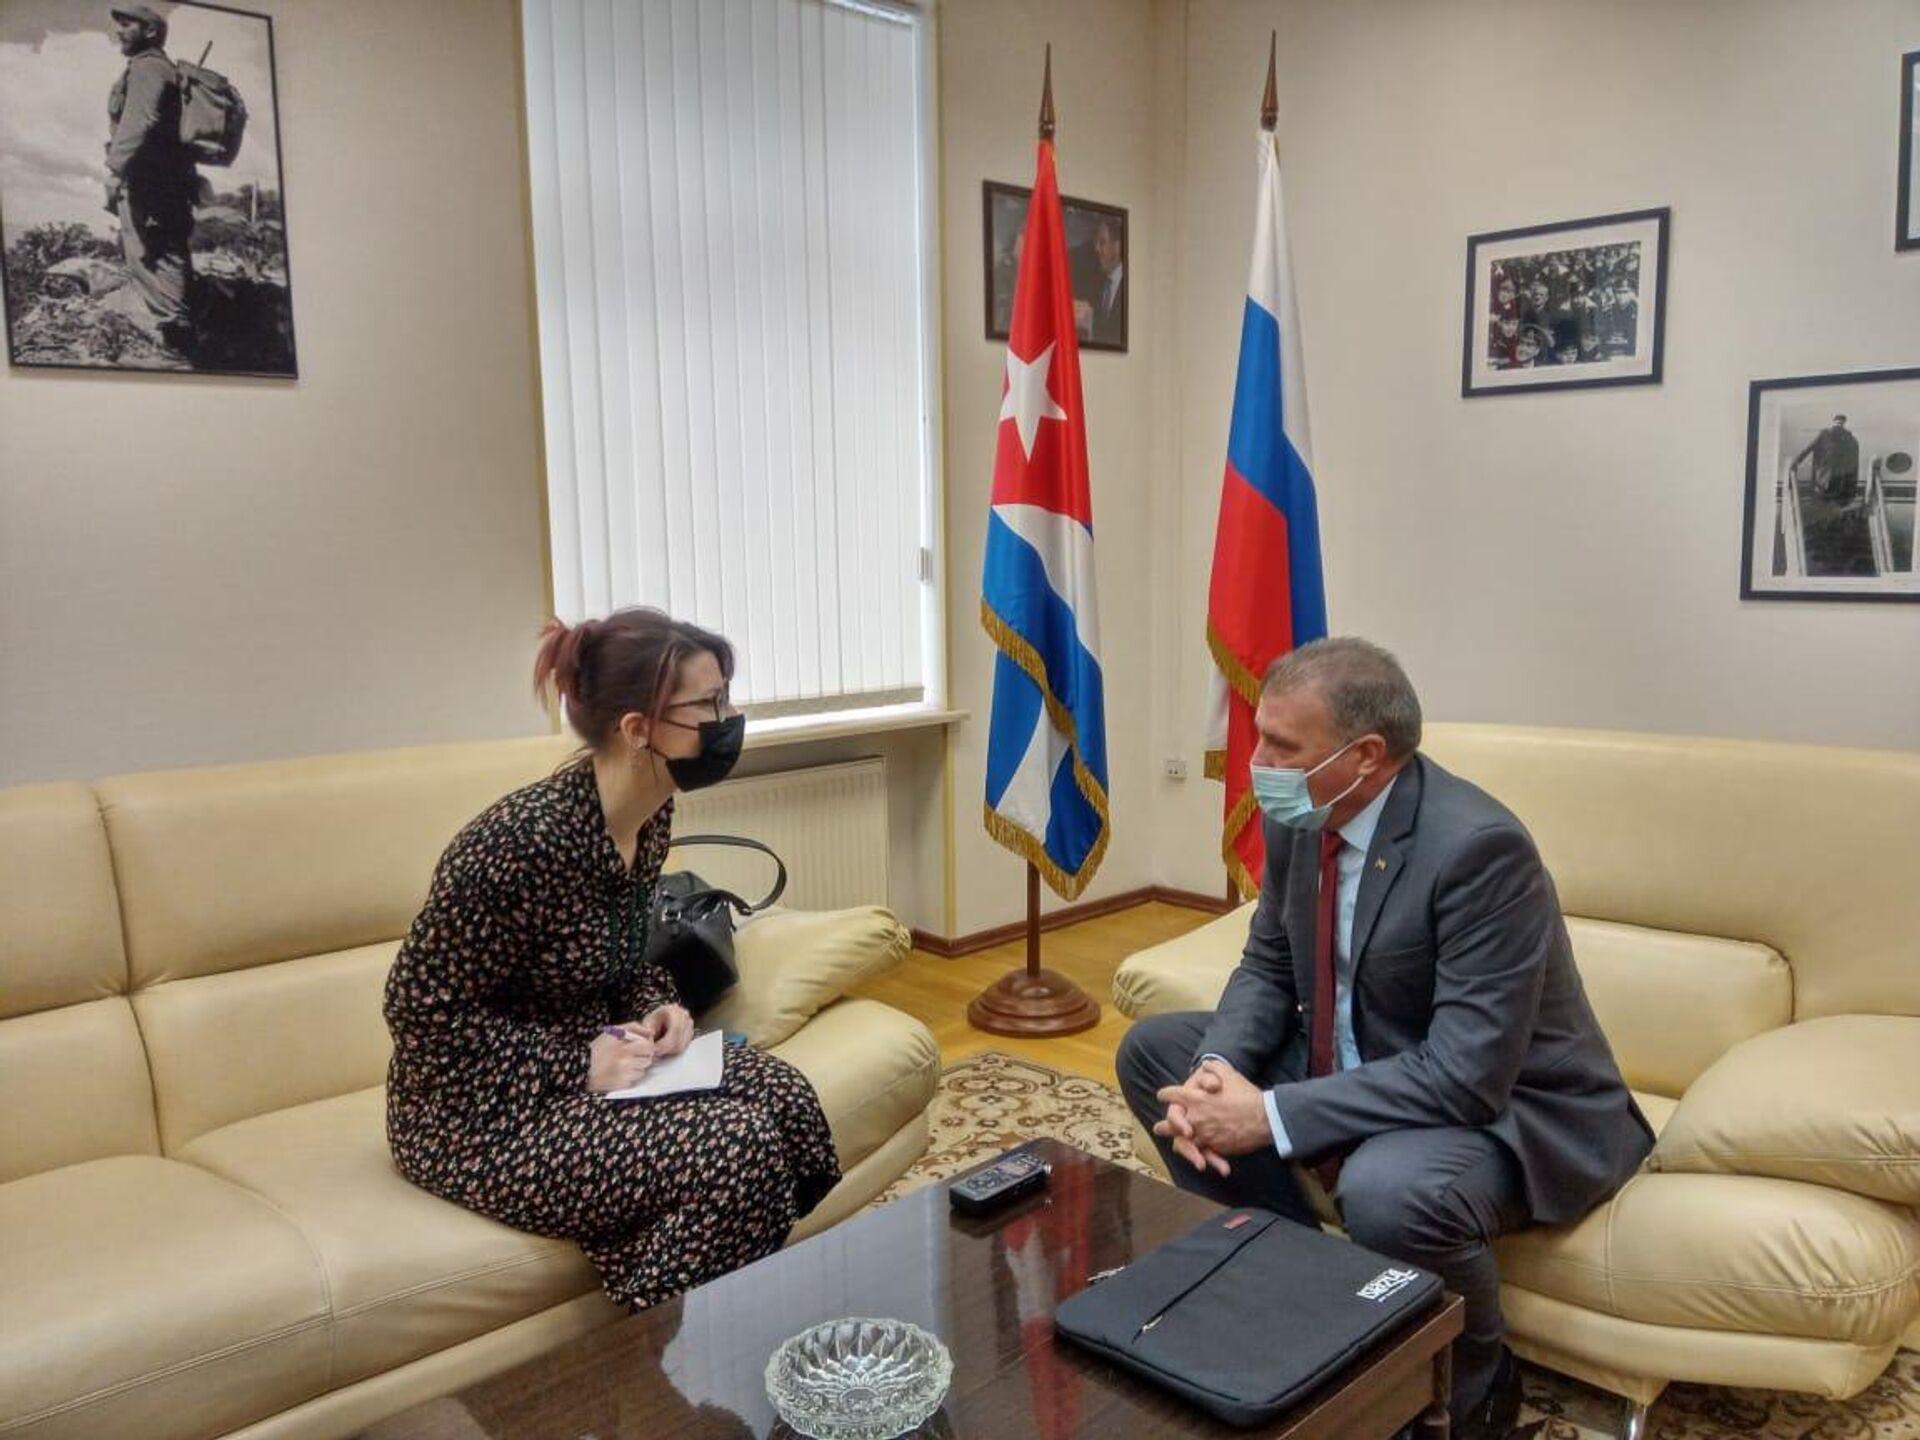 Una entrevista con el ministro de Turismo de Cuba, Juan Carlos García Granda - Sputnik Mundo, 1920, 19.03.2021